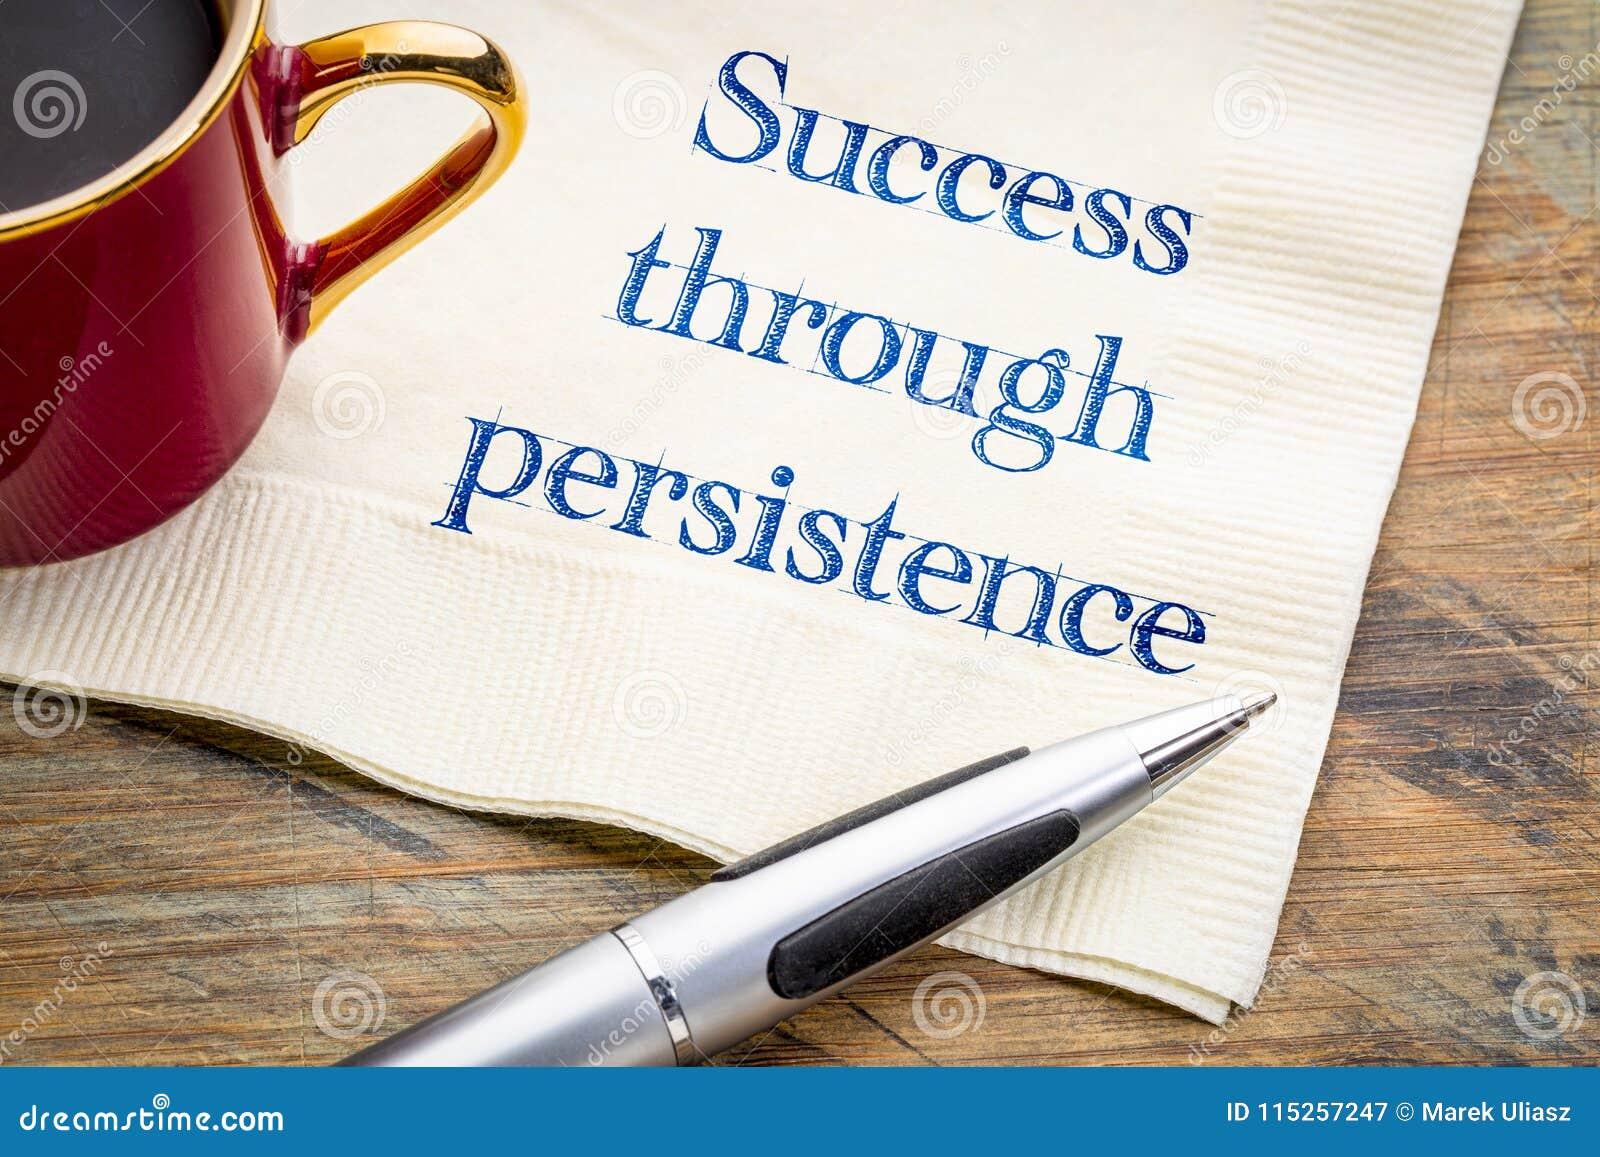 Erfolg durch Ausdauer